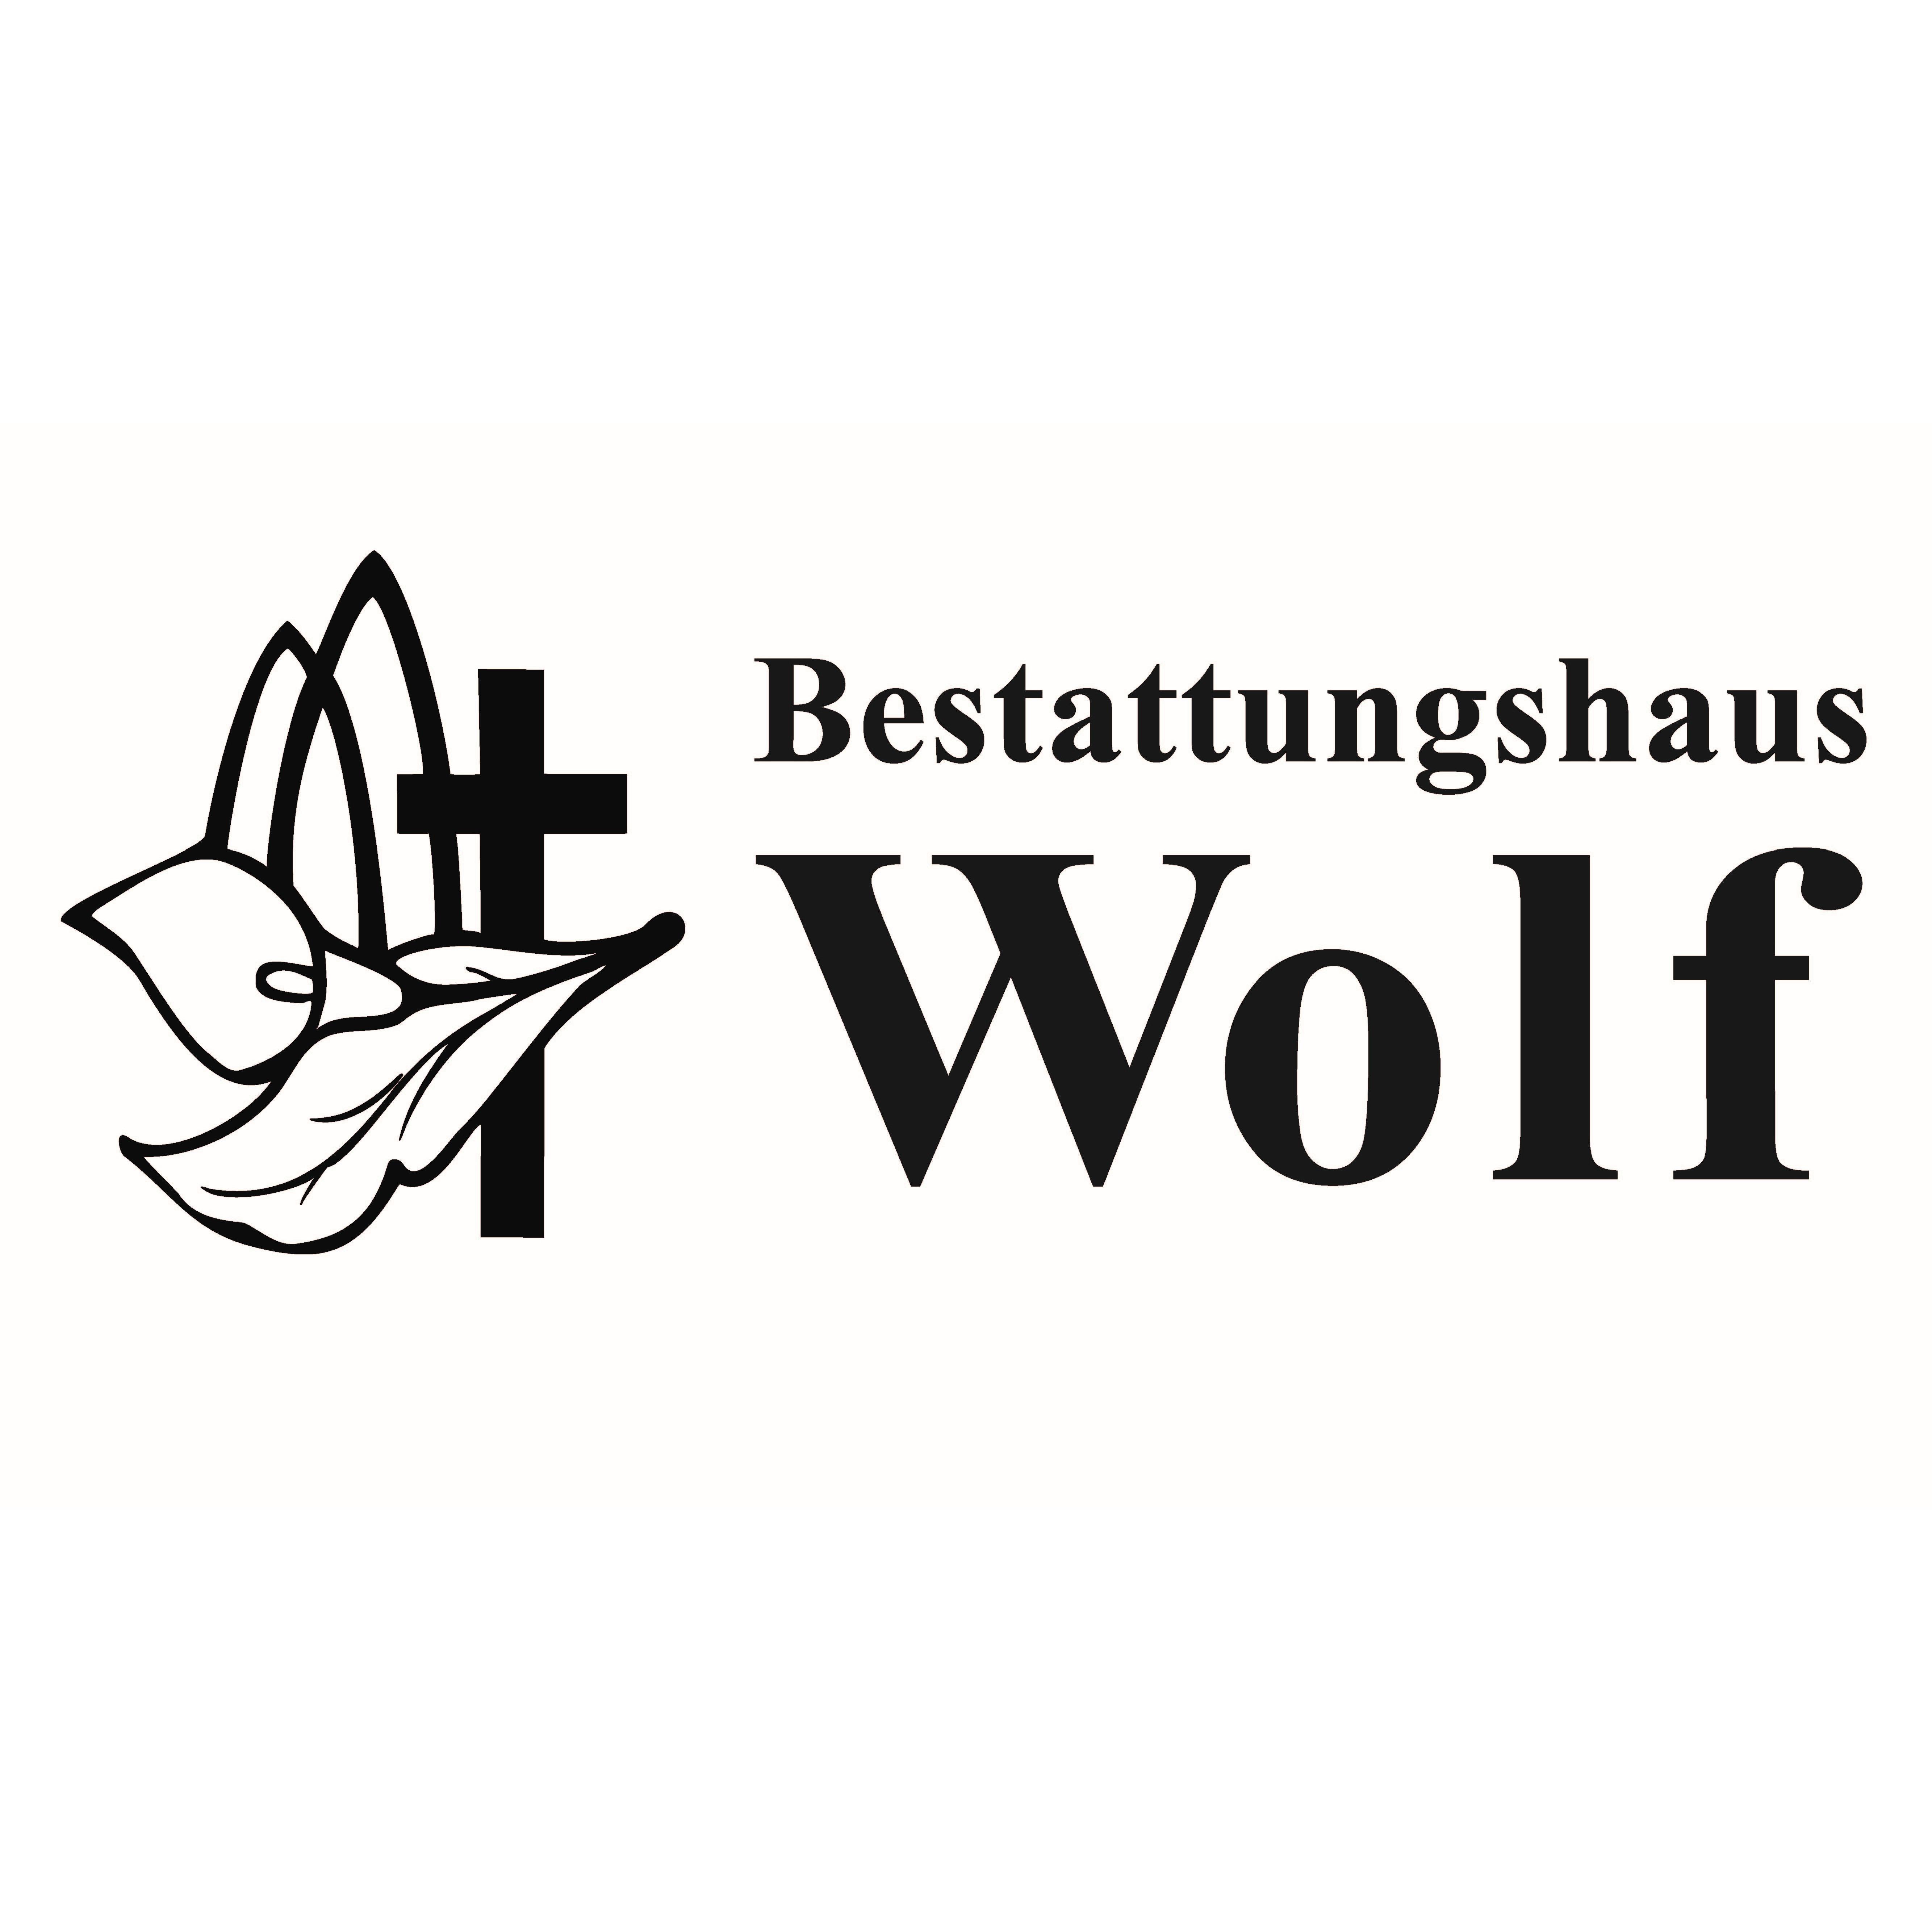 Bestattungshaus Wolf